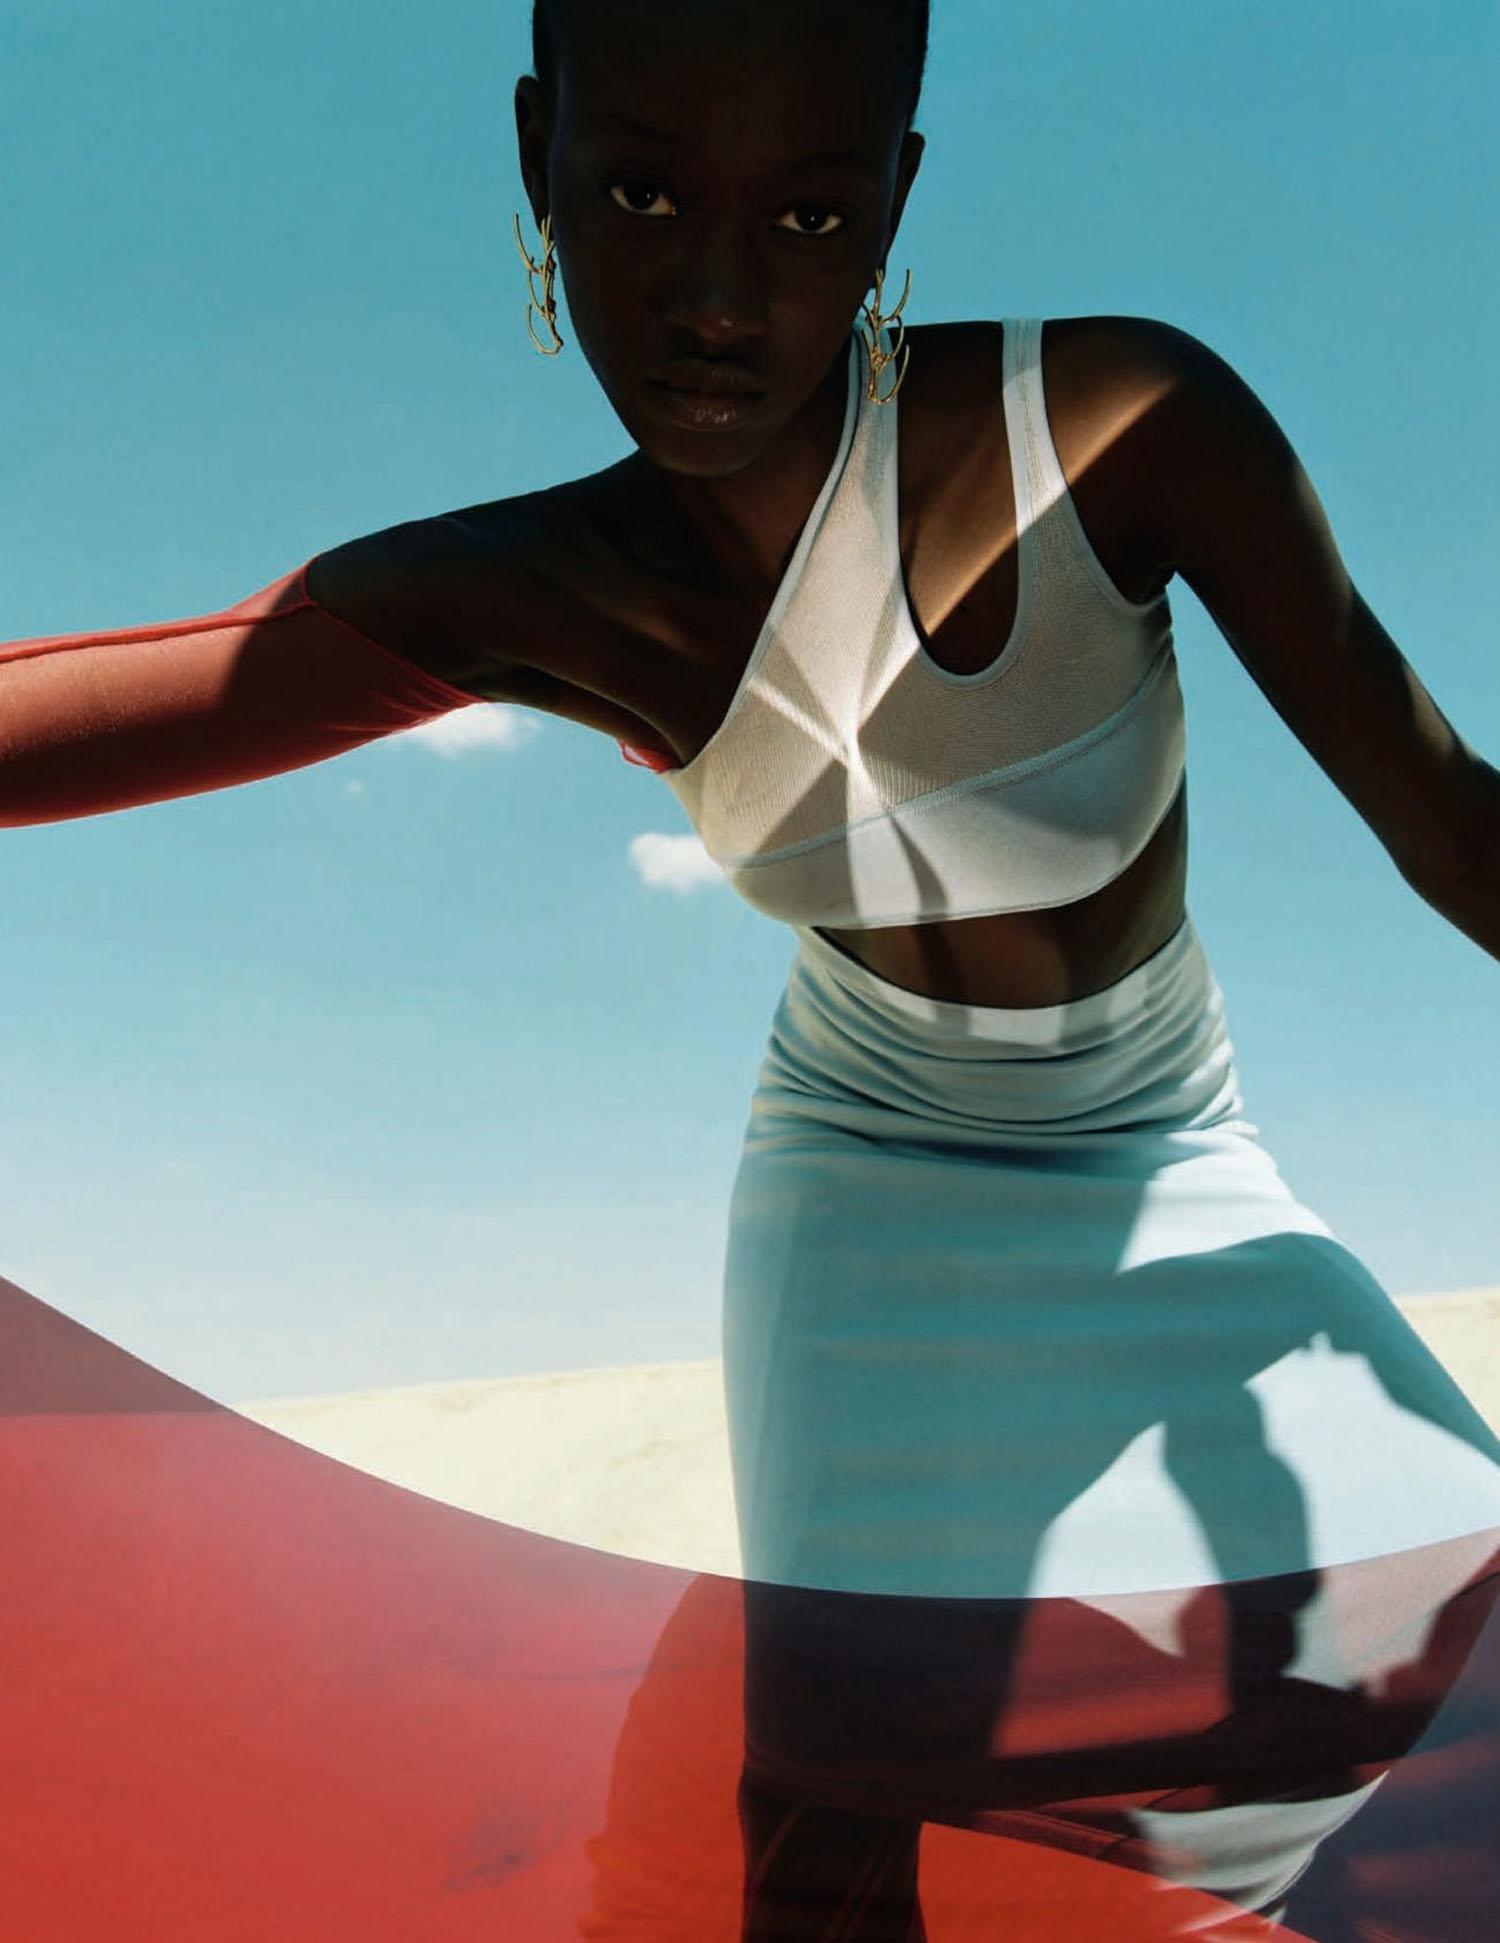 Eya Mariam by Dan Beleiu for Vogue Spain August 2021